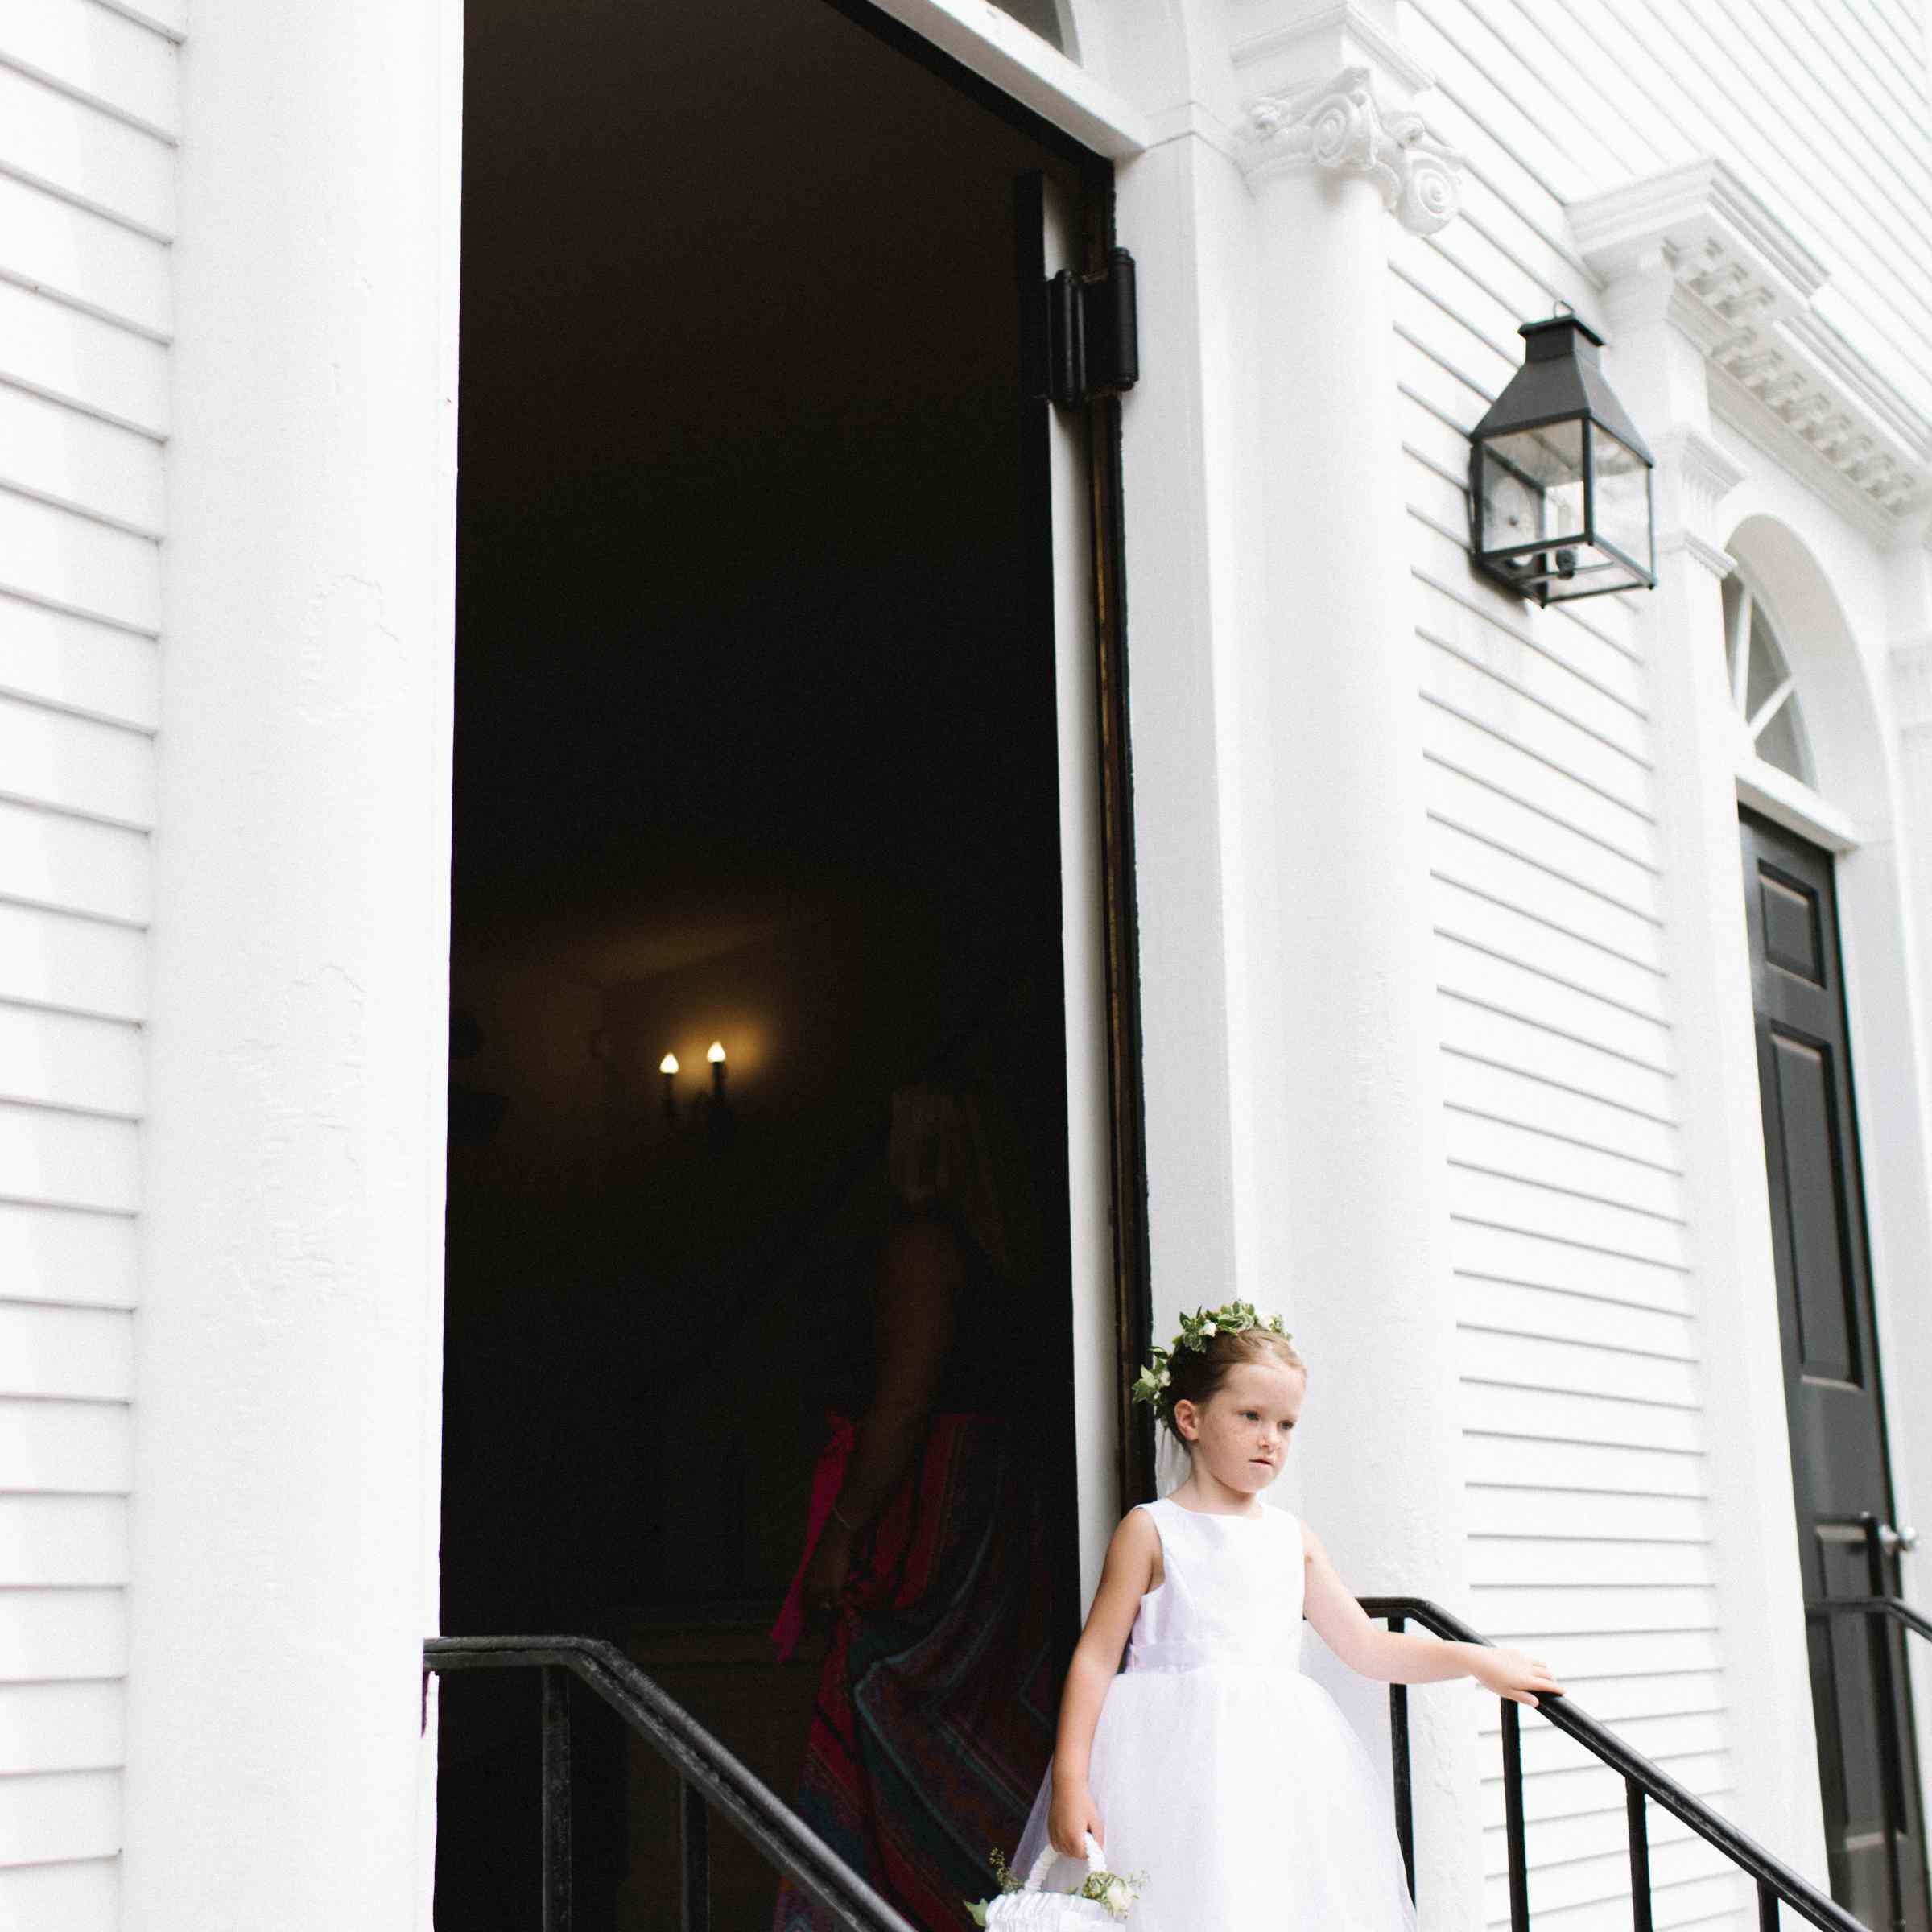 Flower girl outside church